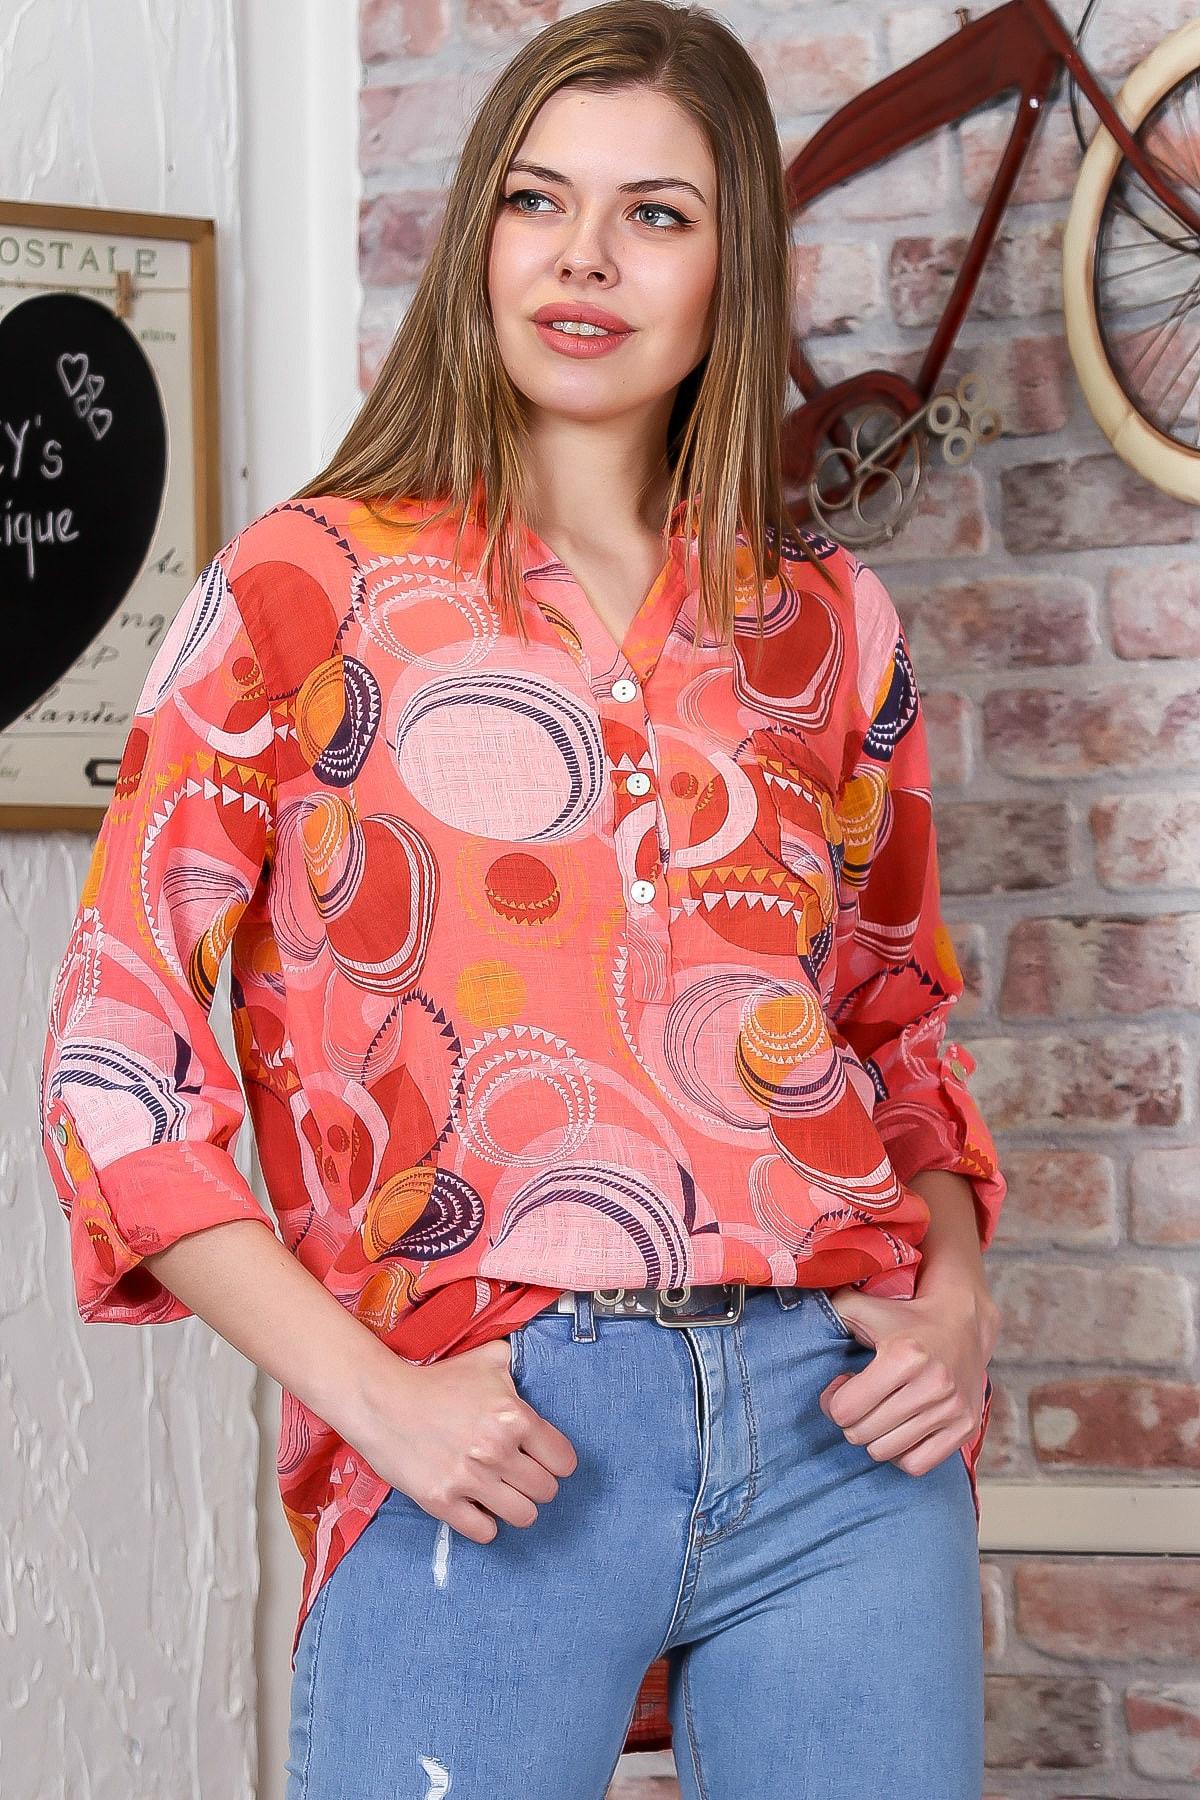 Chiccy Kadın Turuncu İtalyan Geometrik Desenli Patı Düğme Detaylı 3/4 Kol Ayarlı Bluz M10010200BL95498